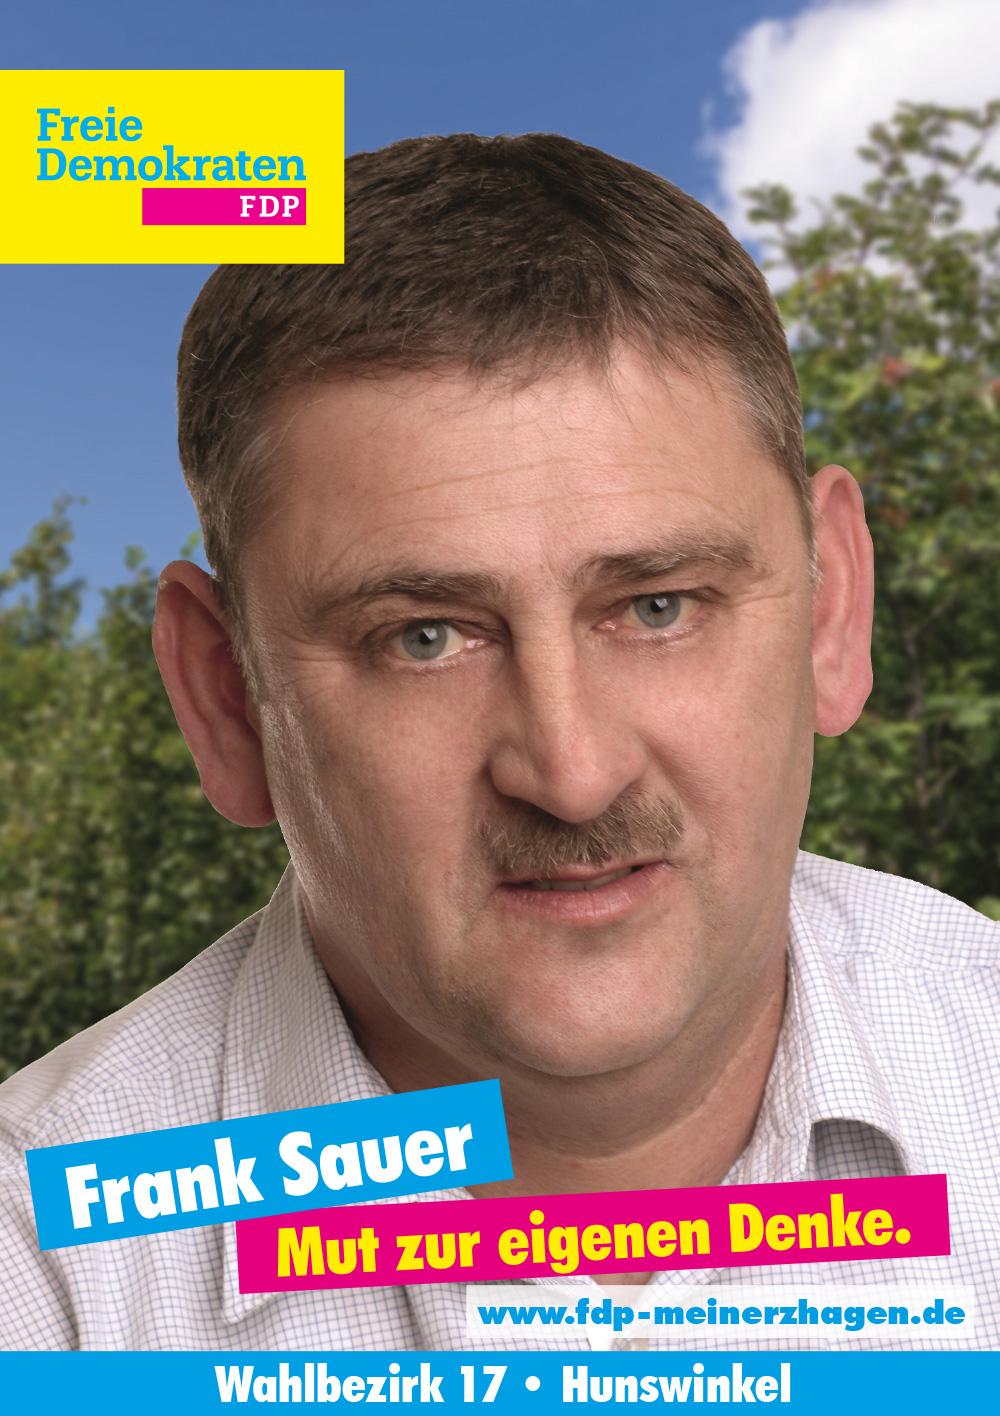 Wahlbezirk 17 - Frank Sauer